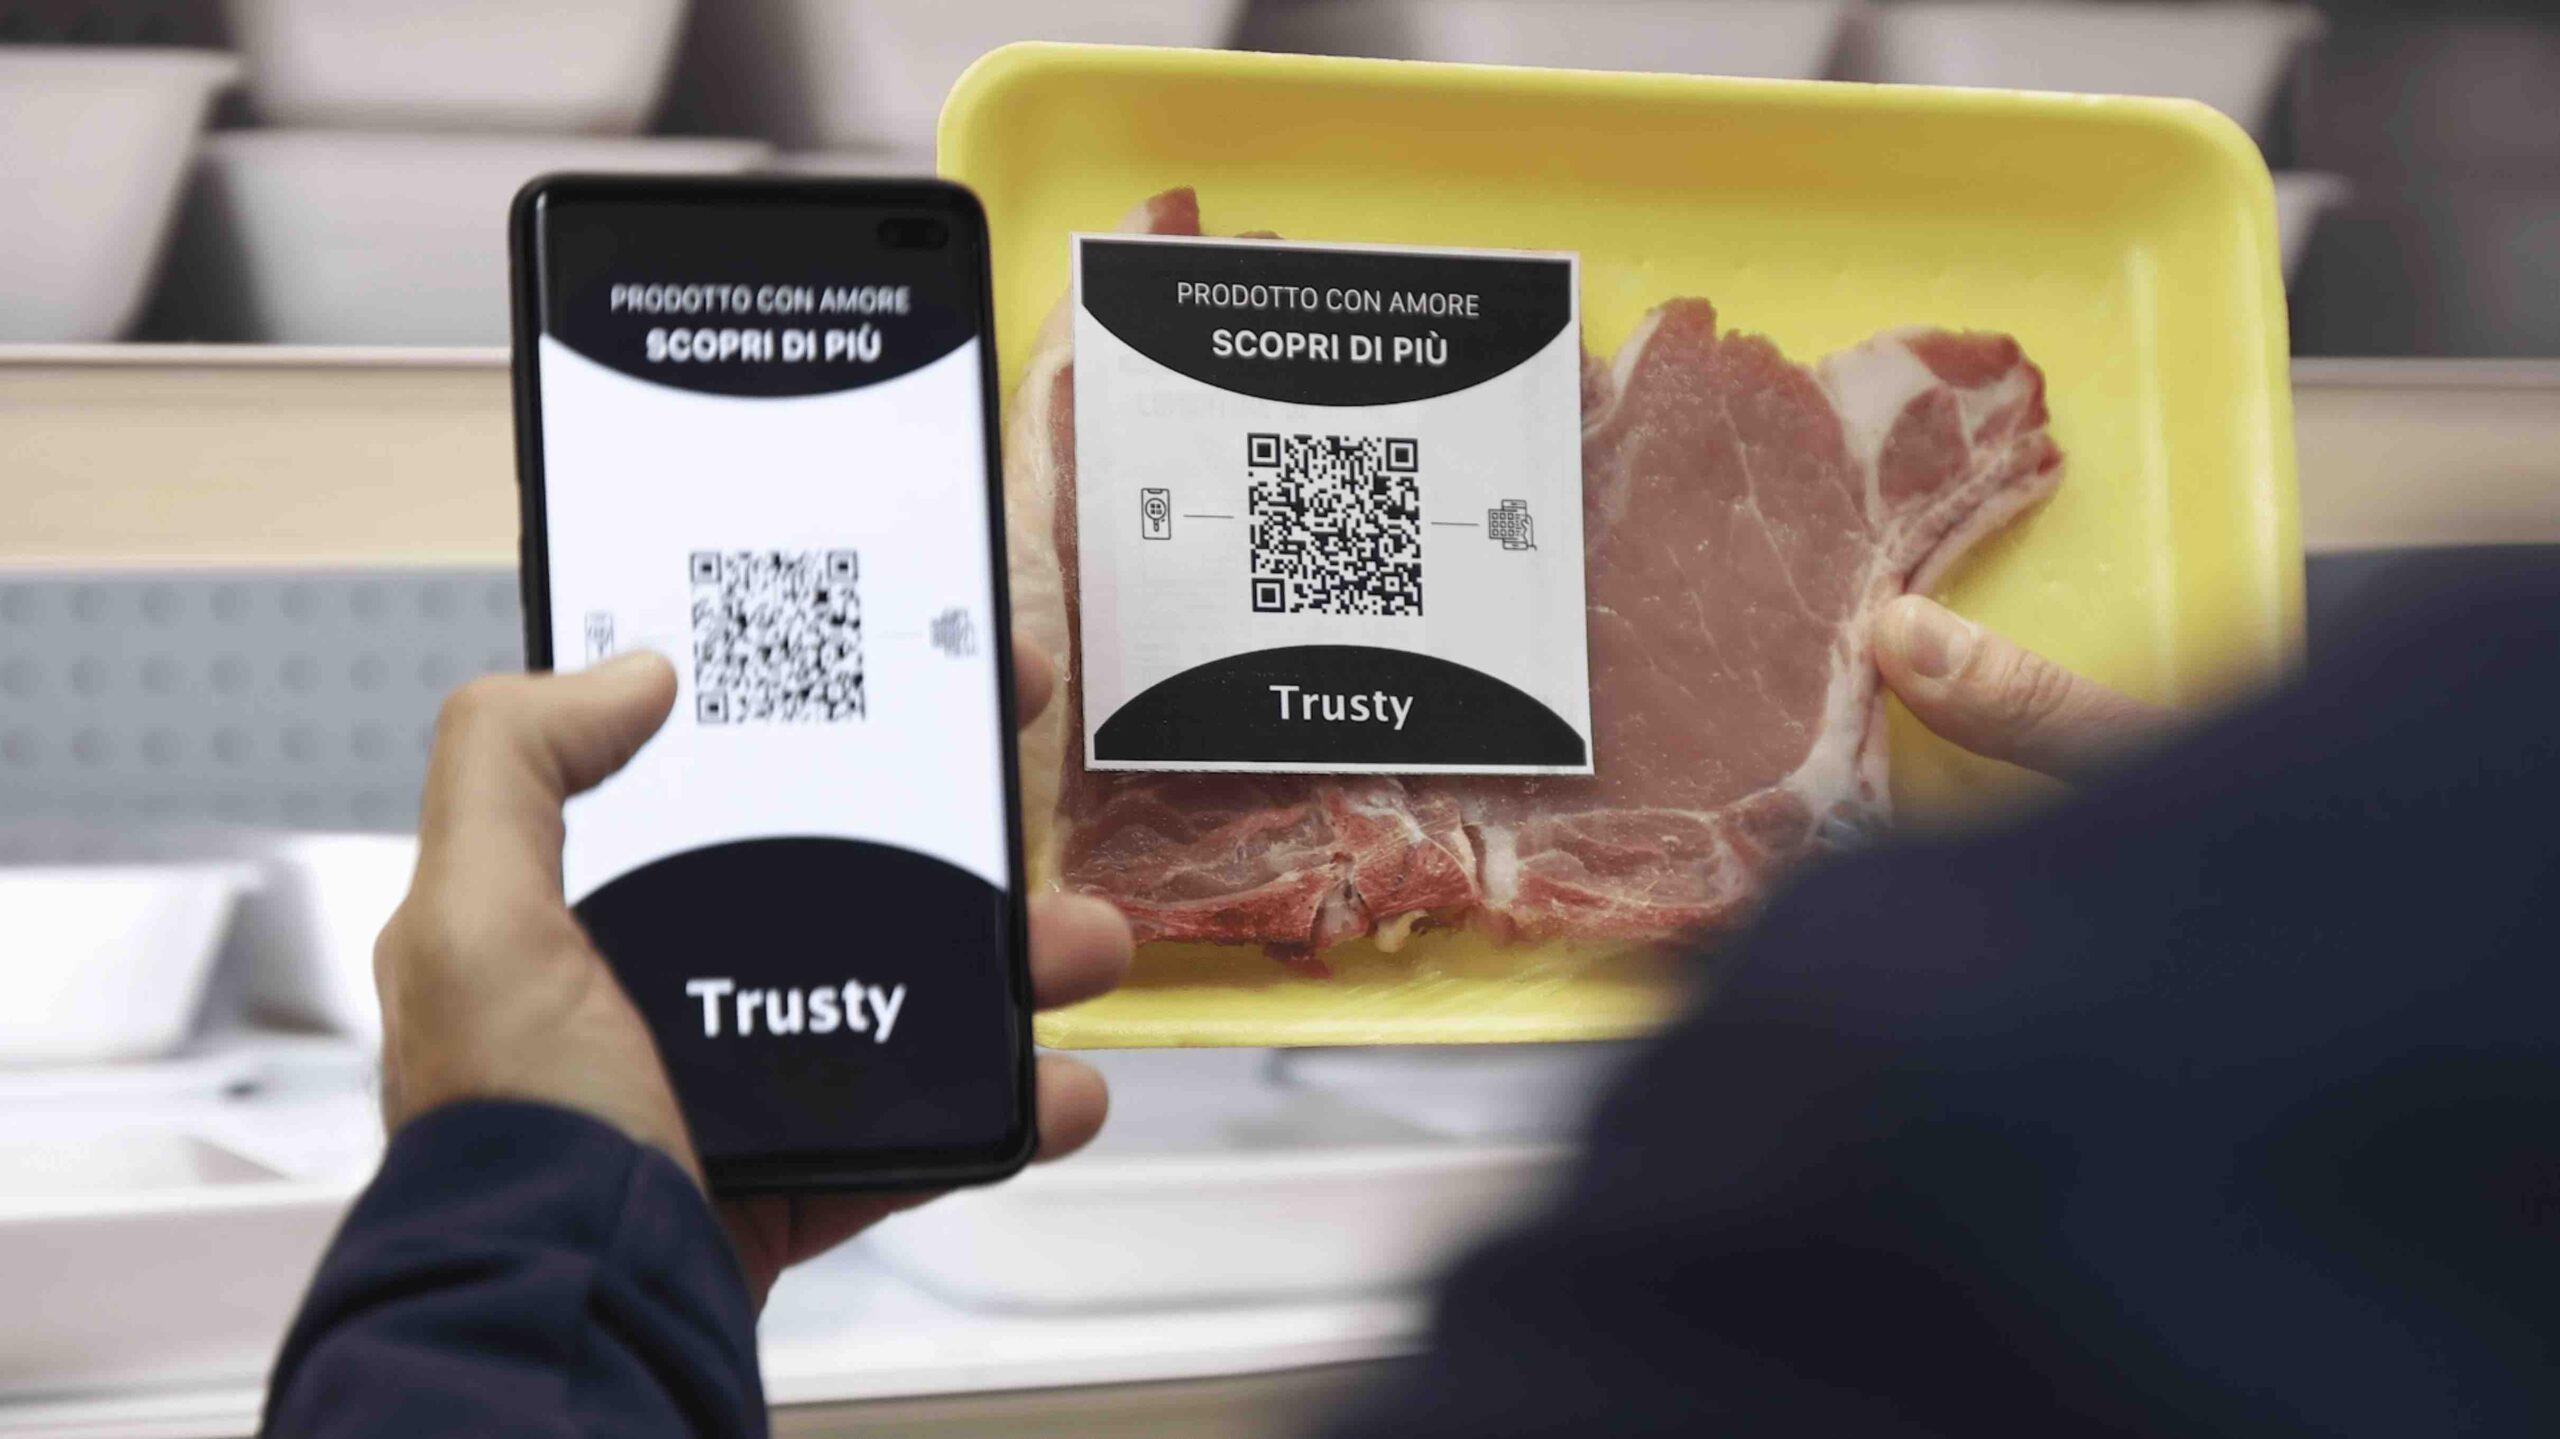 Trusty, la piattaforma blockchain per i prodotti alimentari